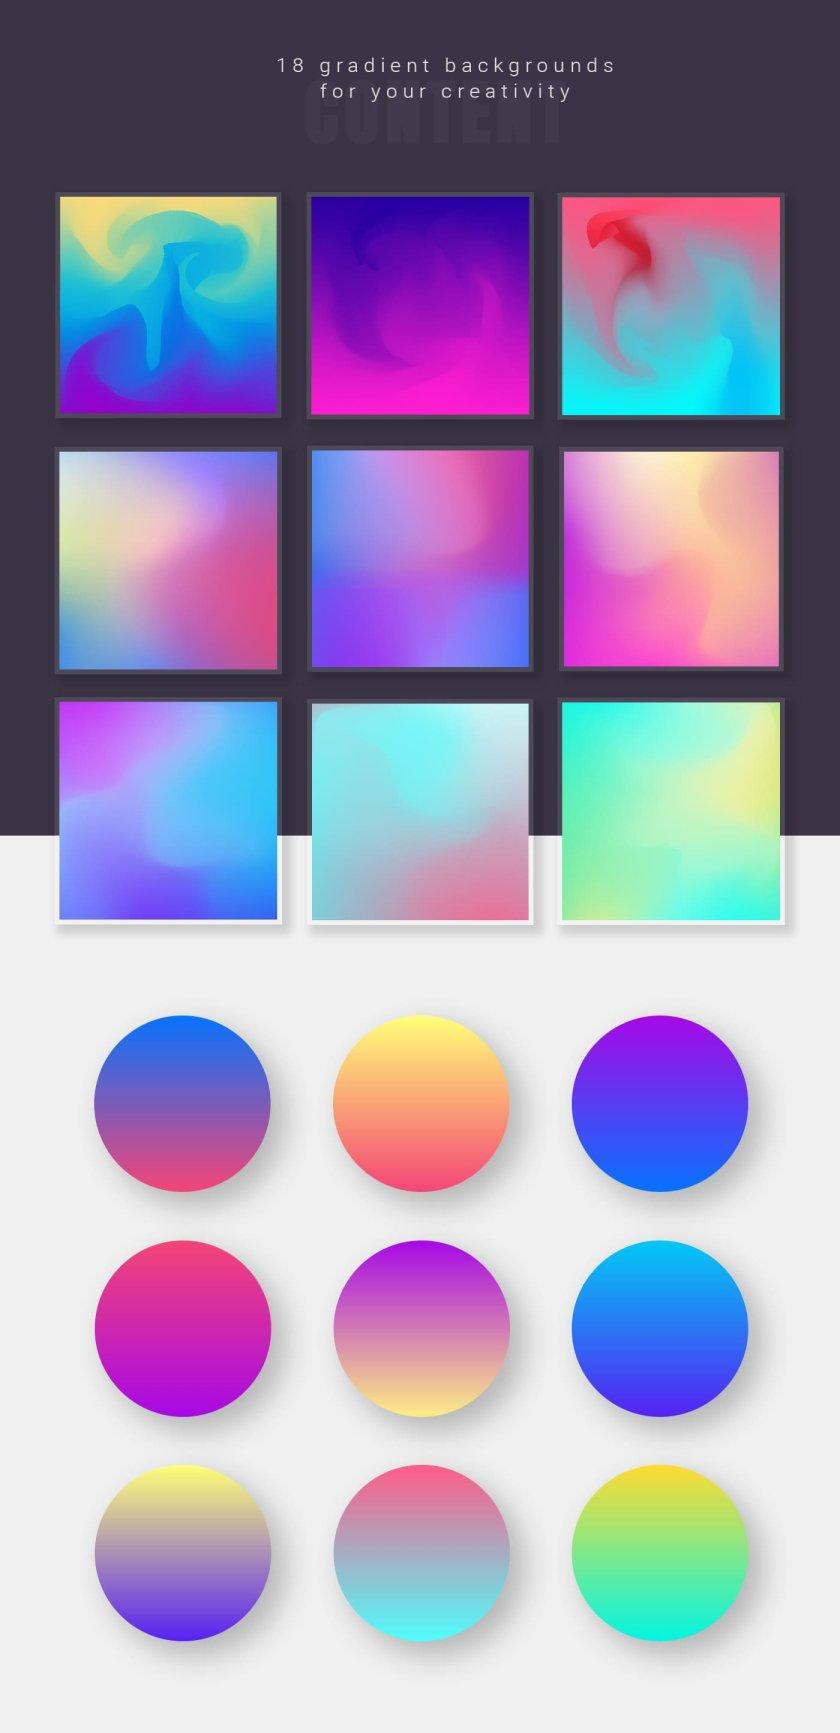 18 Gradient Backgrounds